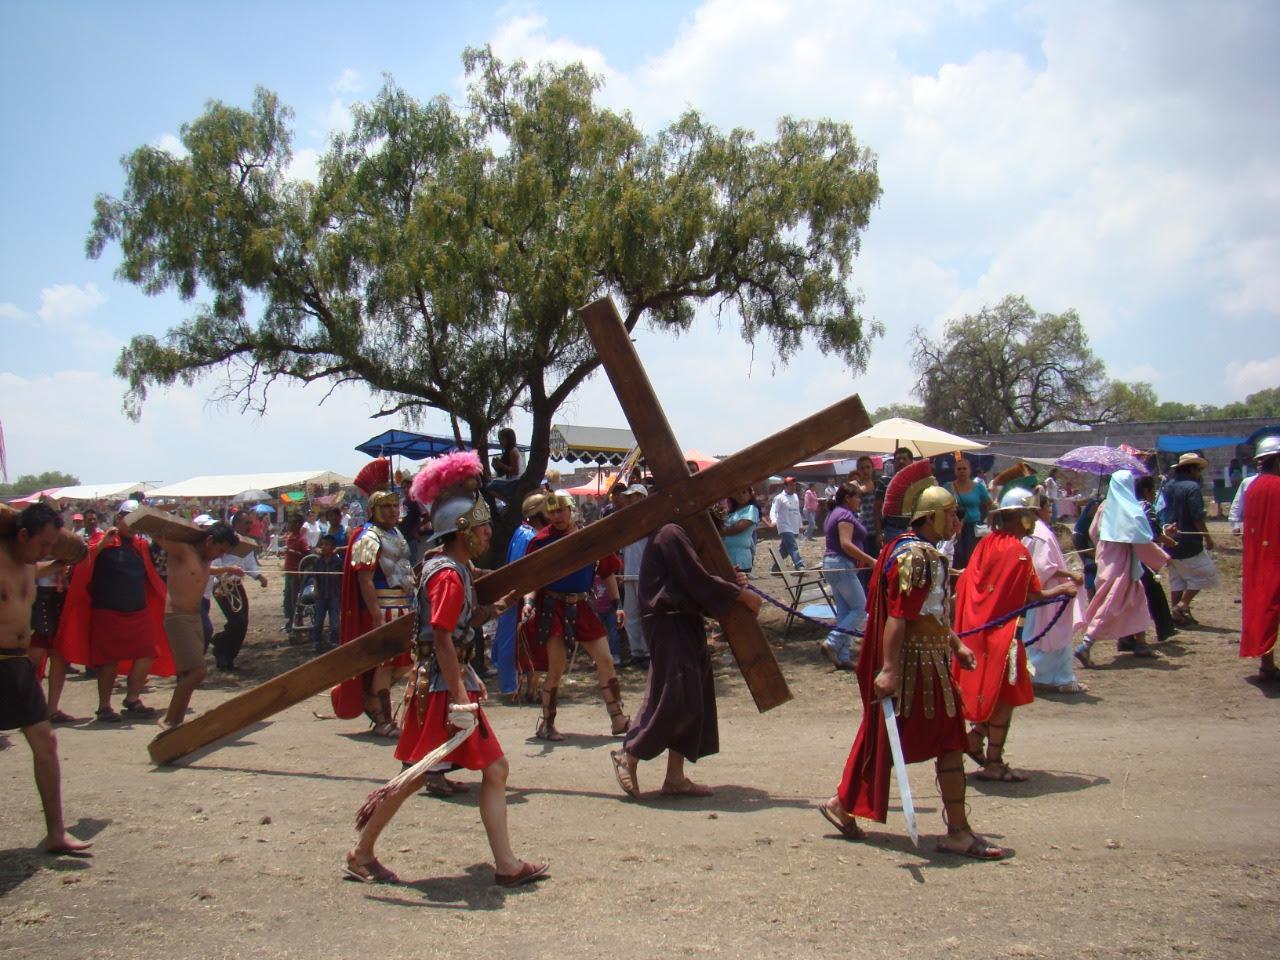 El Viernes Santo es un día de luto para todos los fieles y religiosos pues justo un viernes fue condenado Jesús a morir en la cruz.